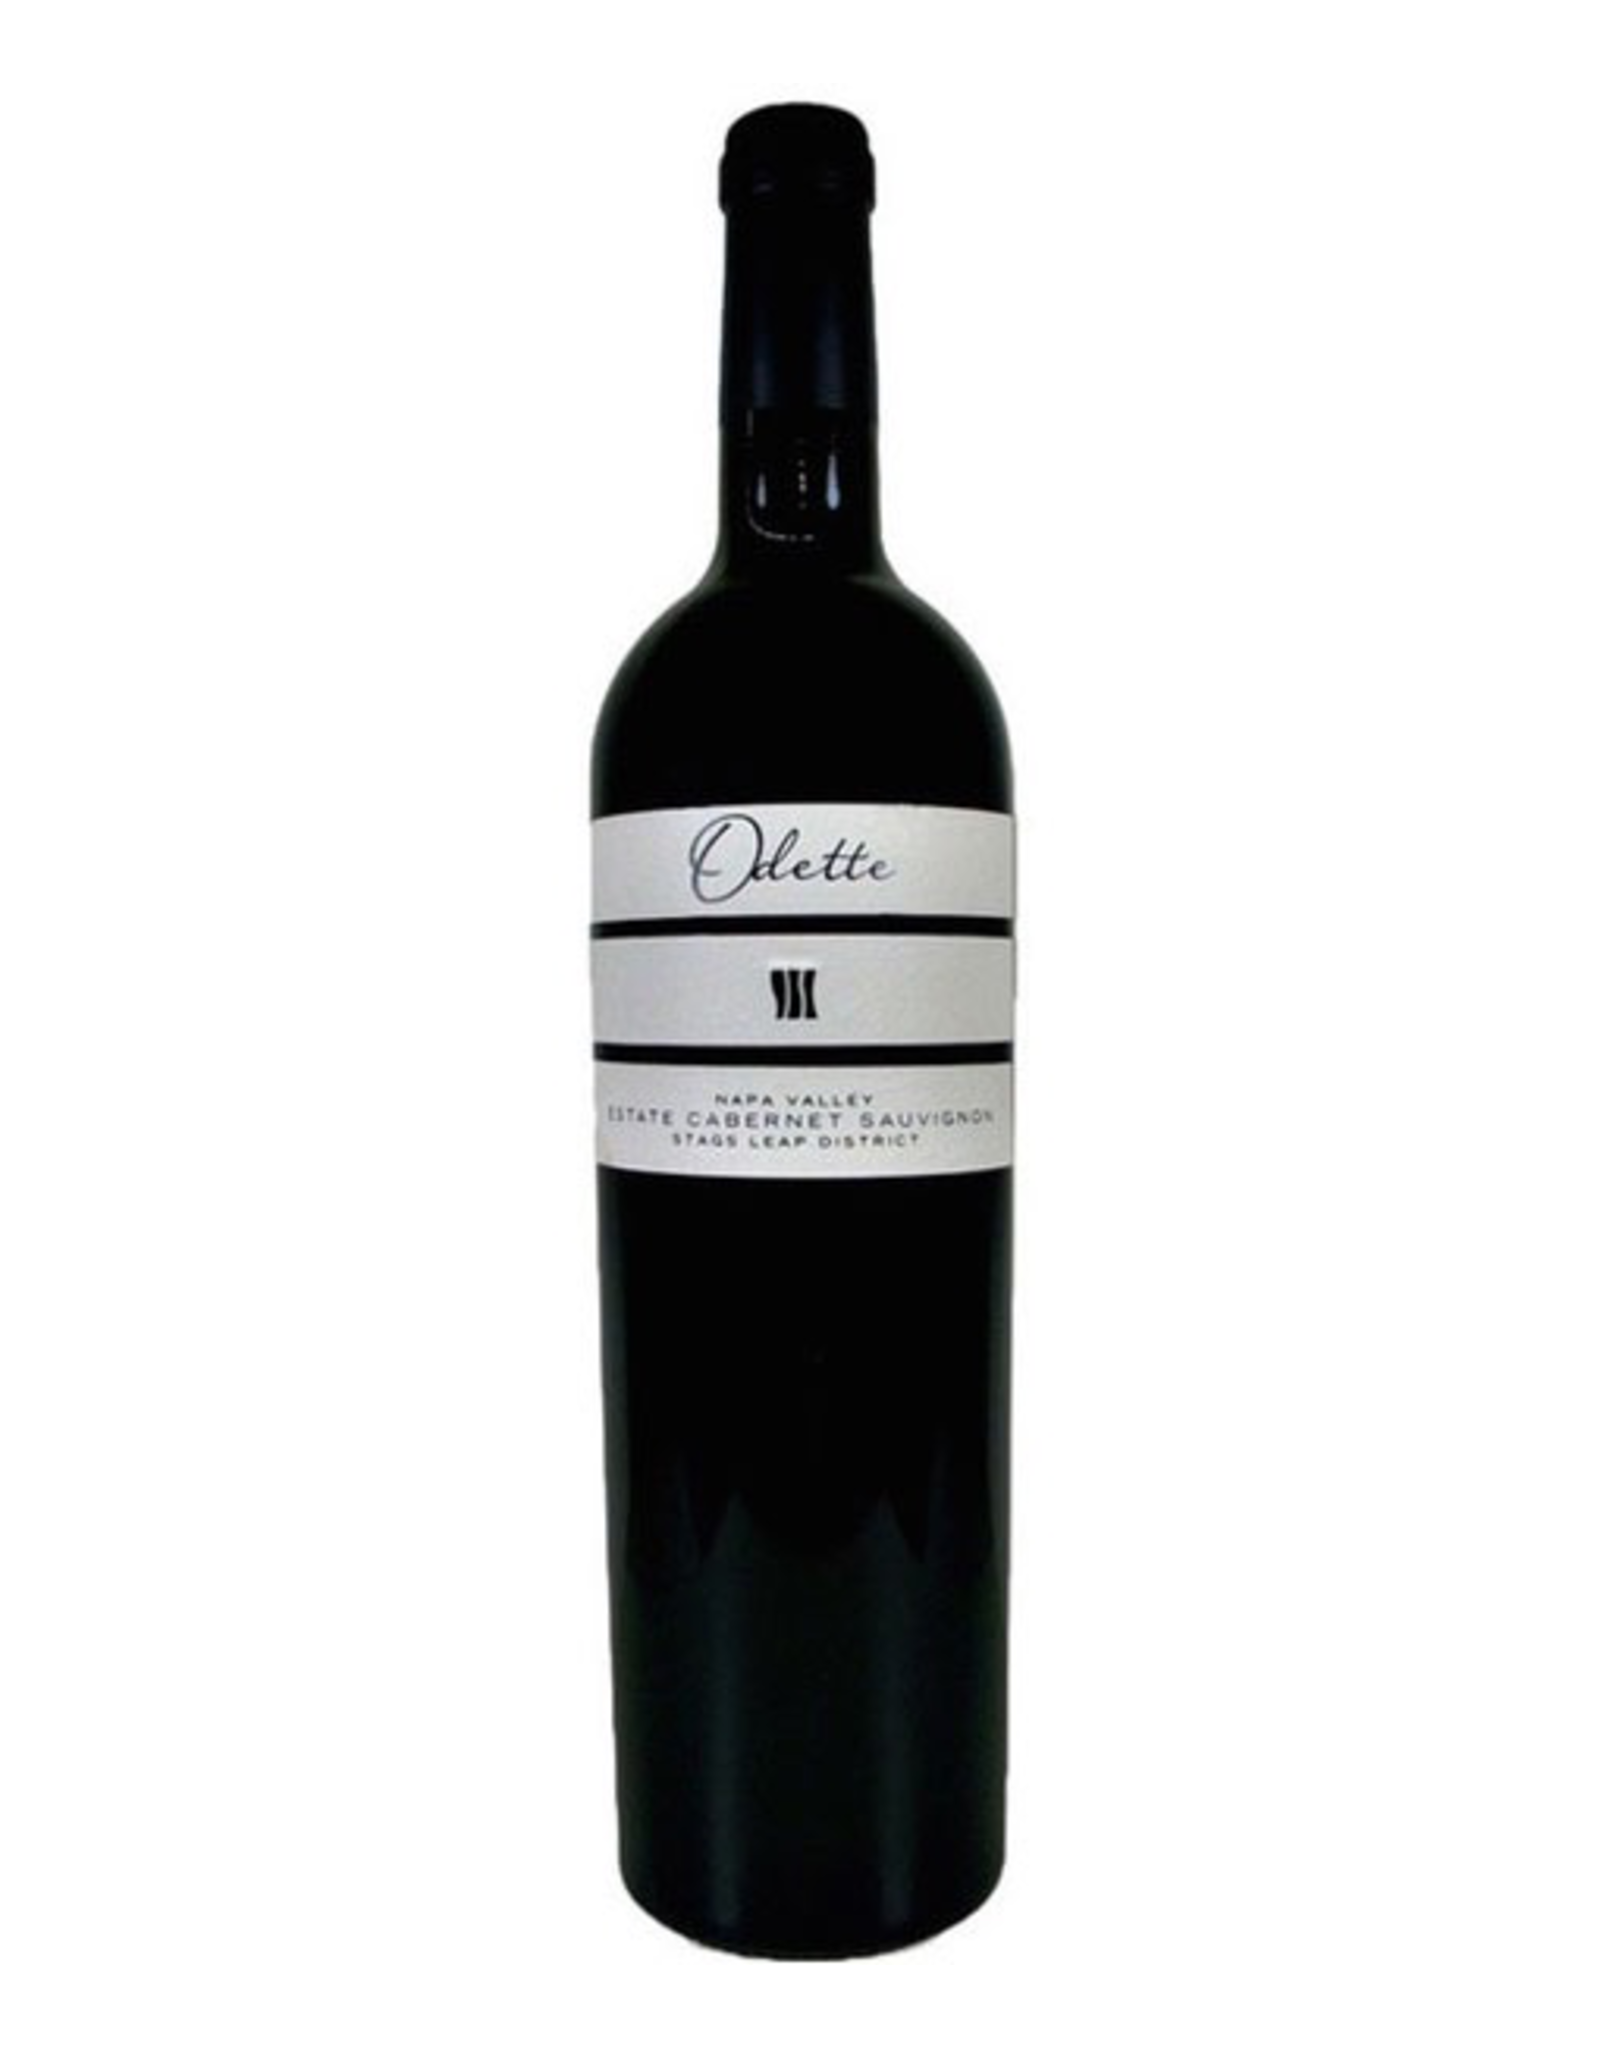 Red Wine 2016, Odette Estate, Cabernet Sauvignon, Howell Mountain, Napa Valley, California, 15.2% Alc., CTnr